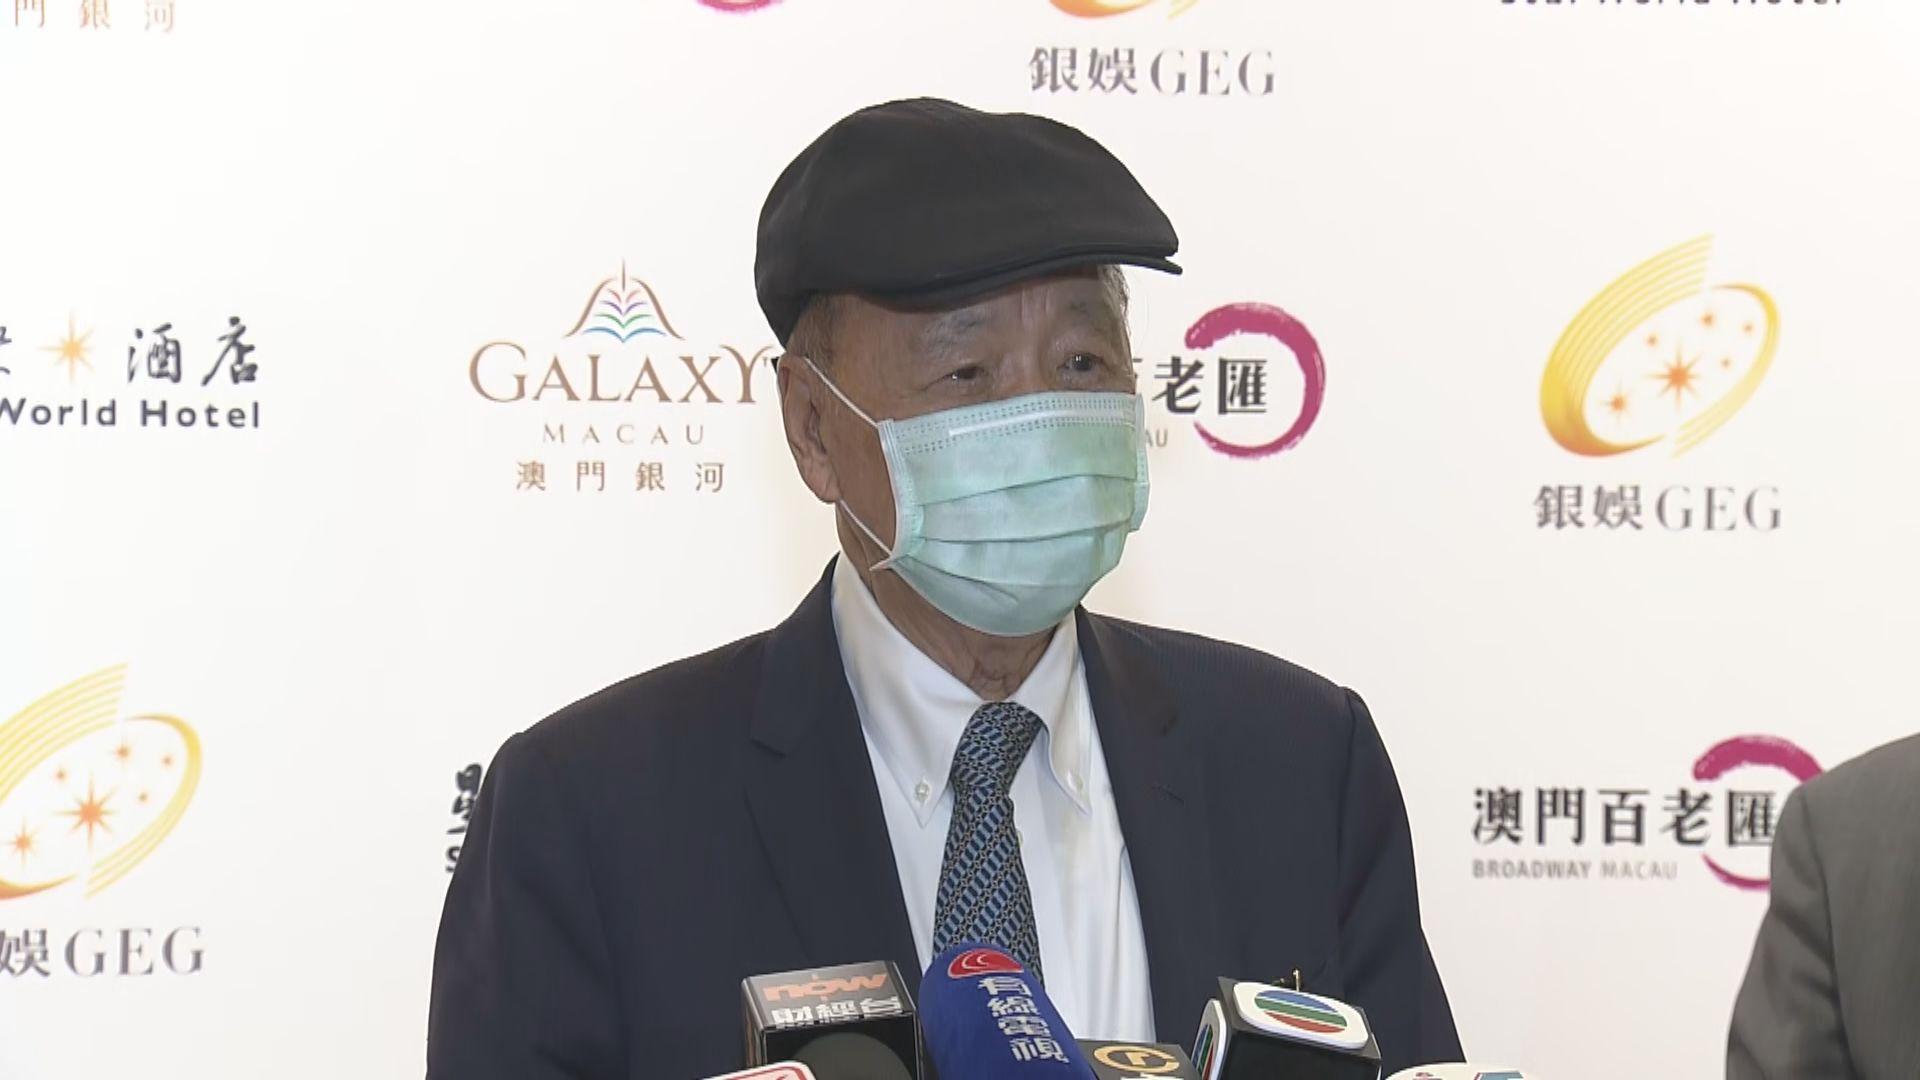 銀娛冀盡快恢復通關 行業能復原